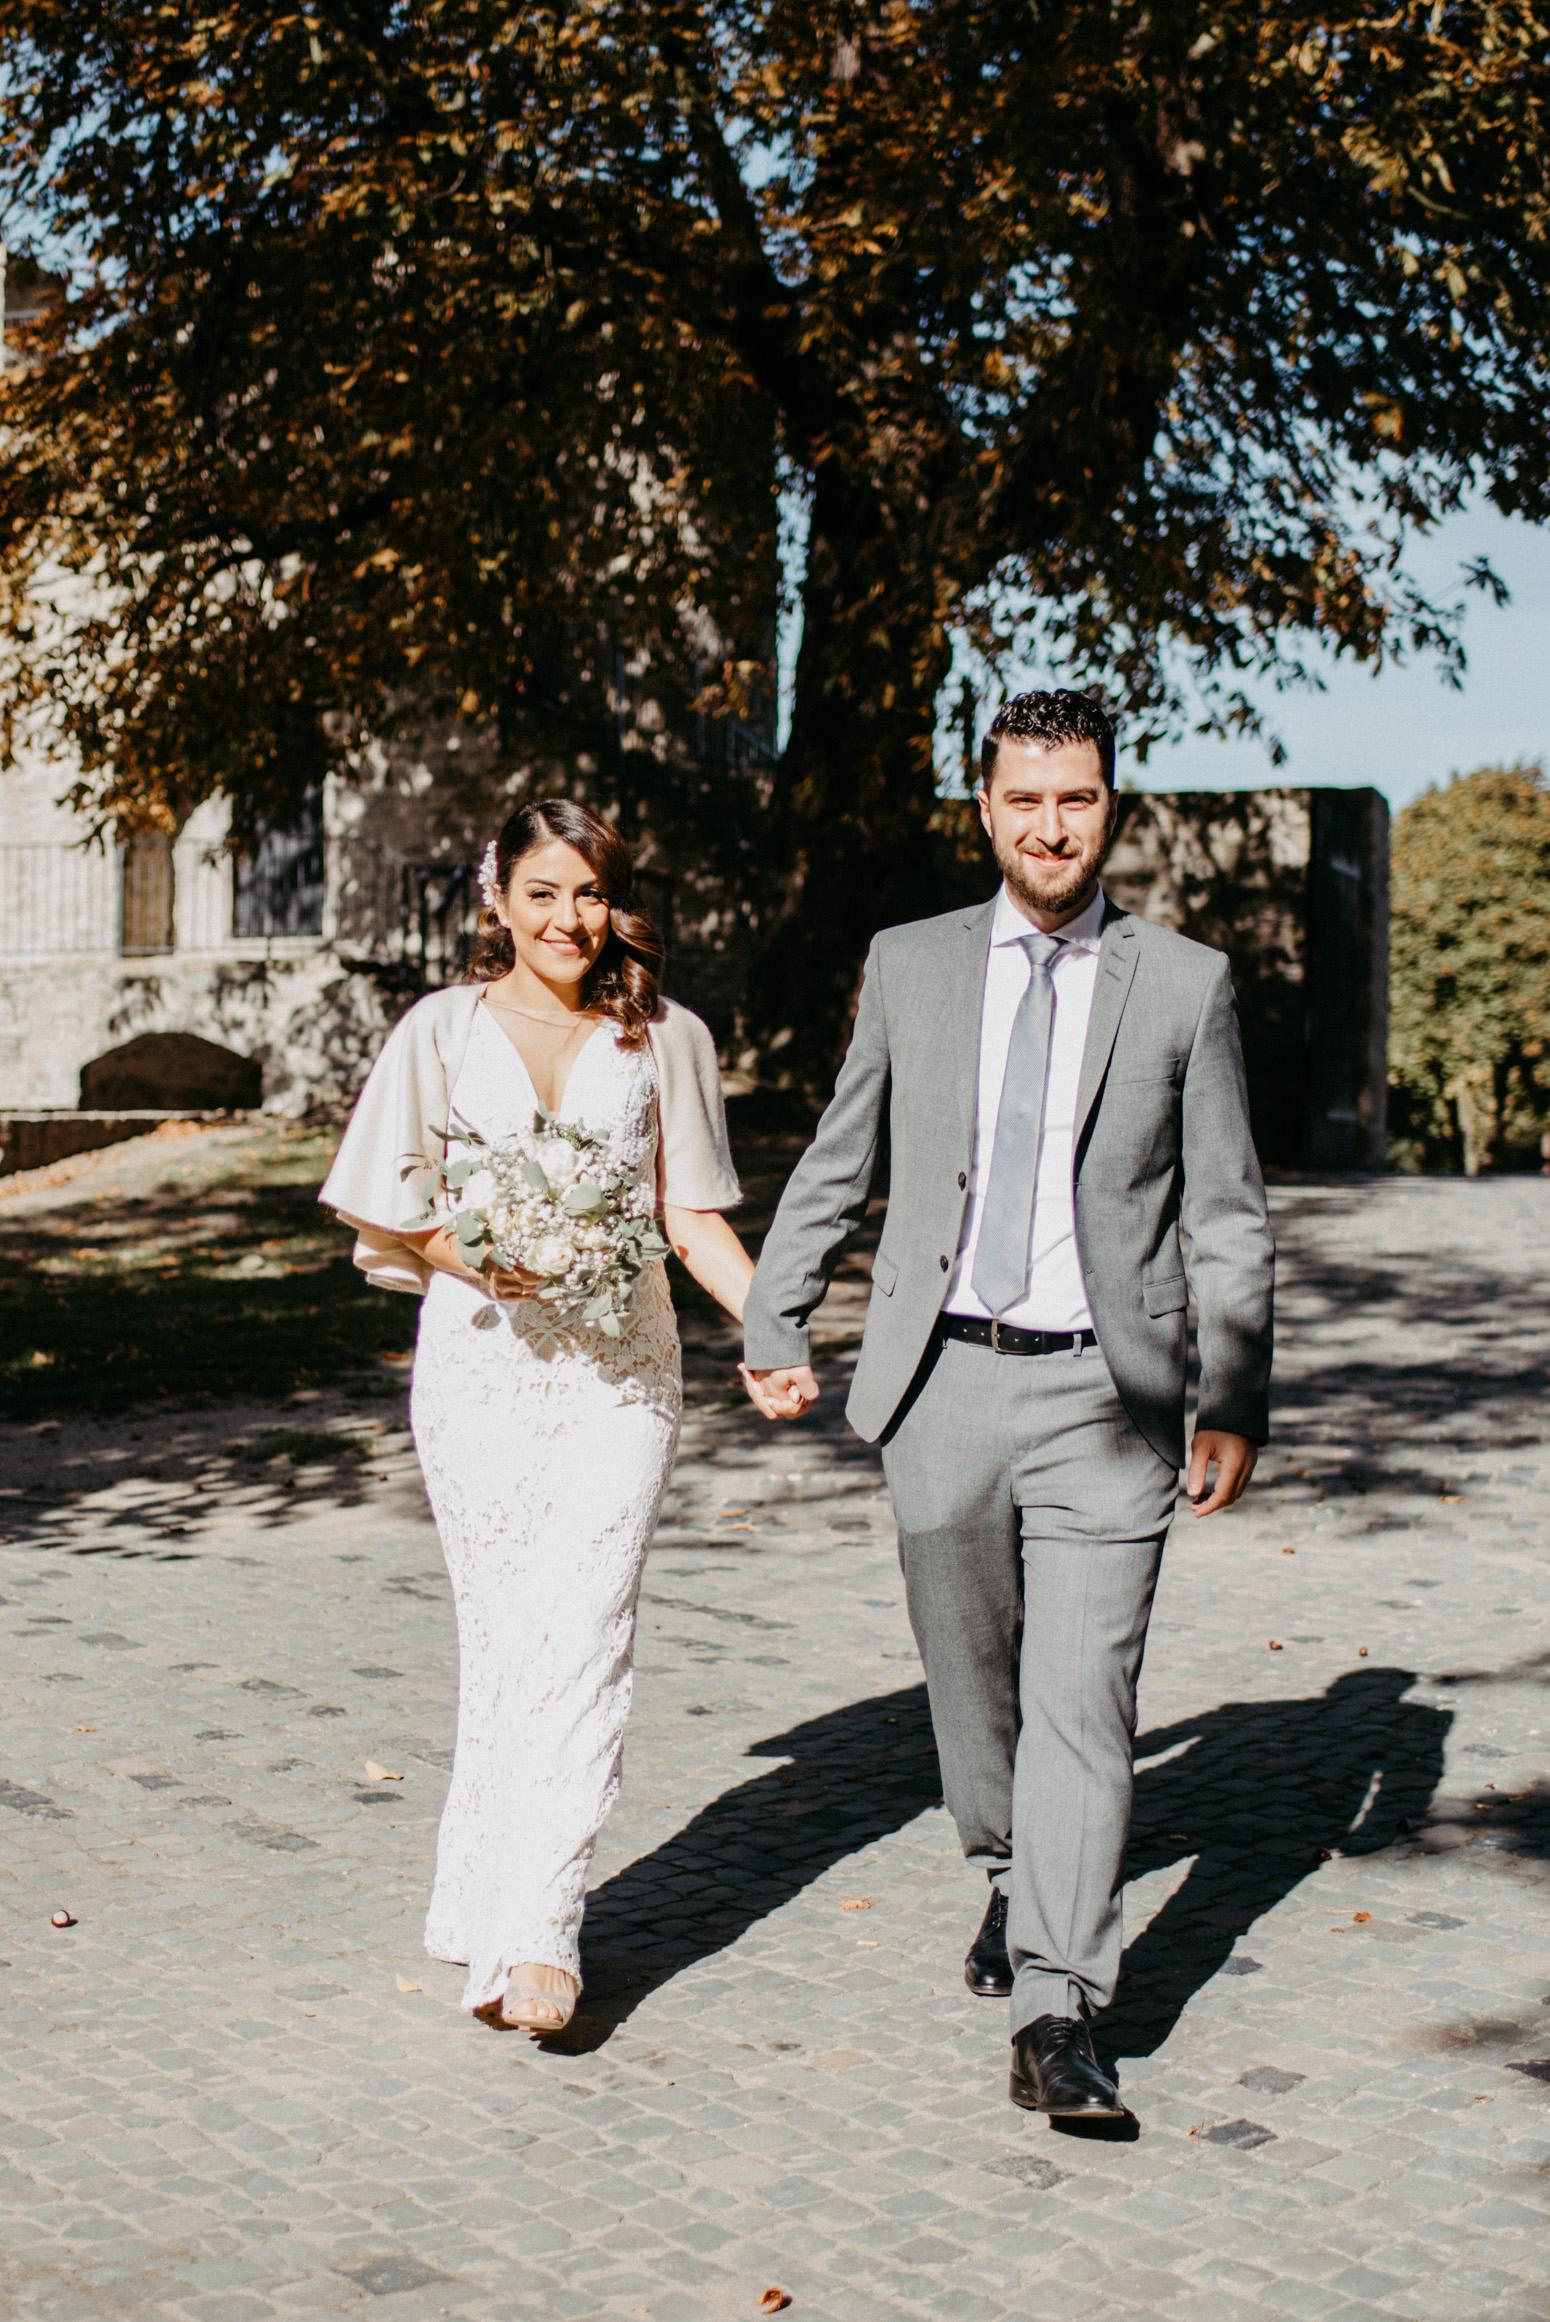 Ankunft des Brautpaares am Schloss Broich, Foto von Daria Becker, Hochzeitsfotografin von Genuine Bonds